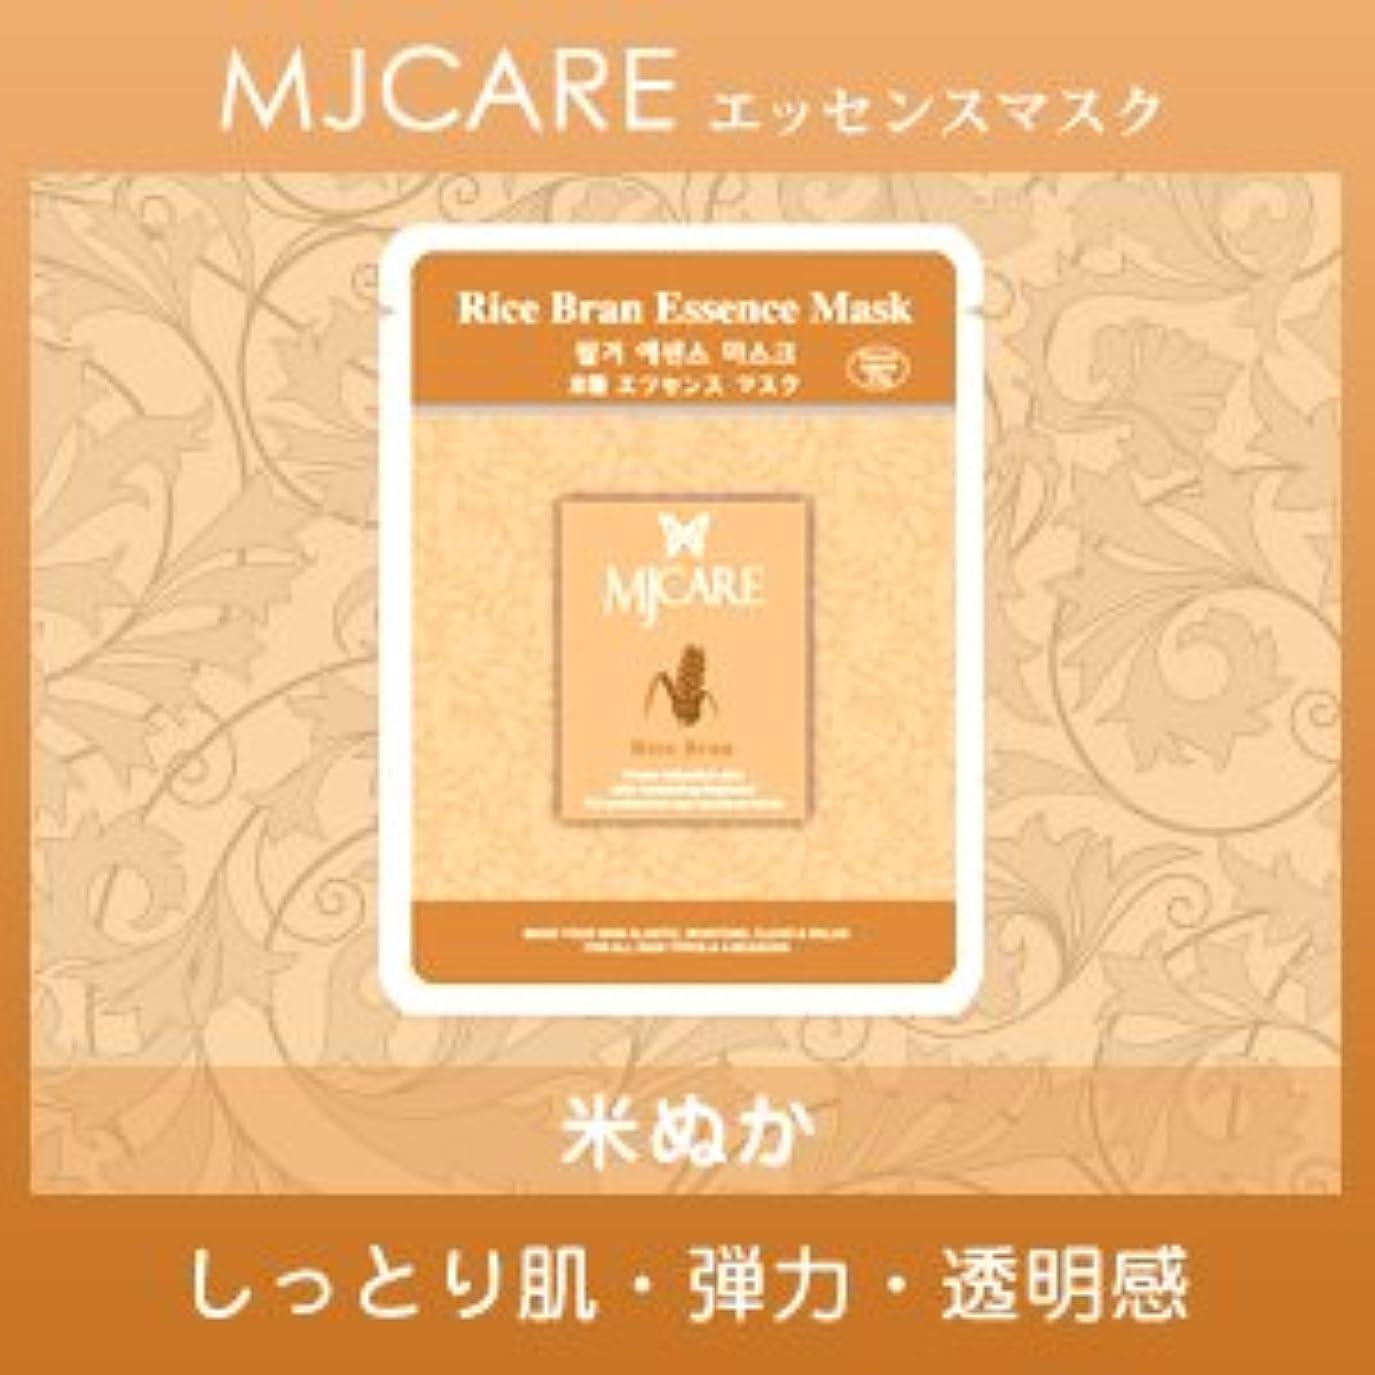 プレーヤーアレンジ写真MJCARE (エムジェイケア) 米ぬか エッセンスマスク